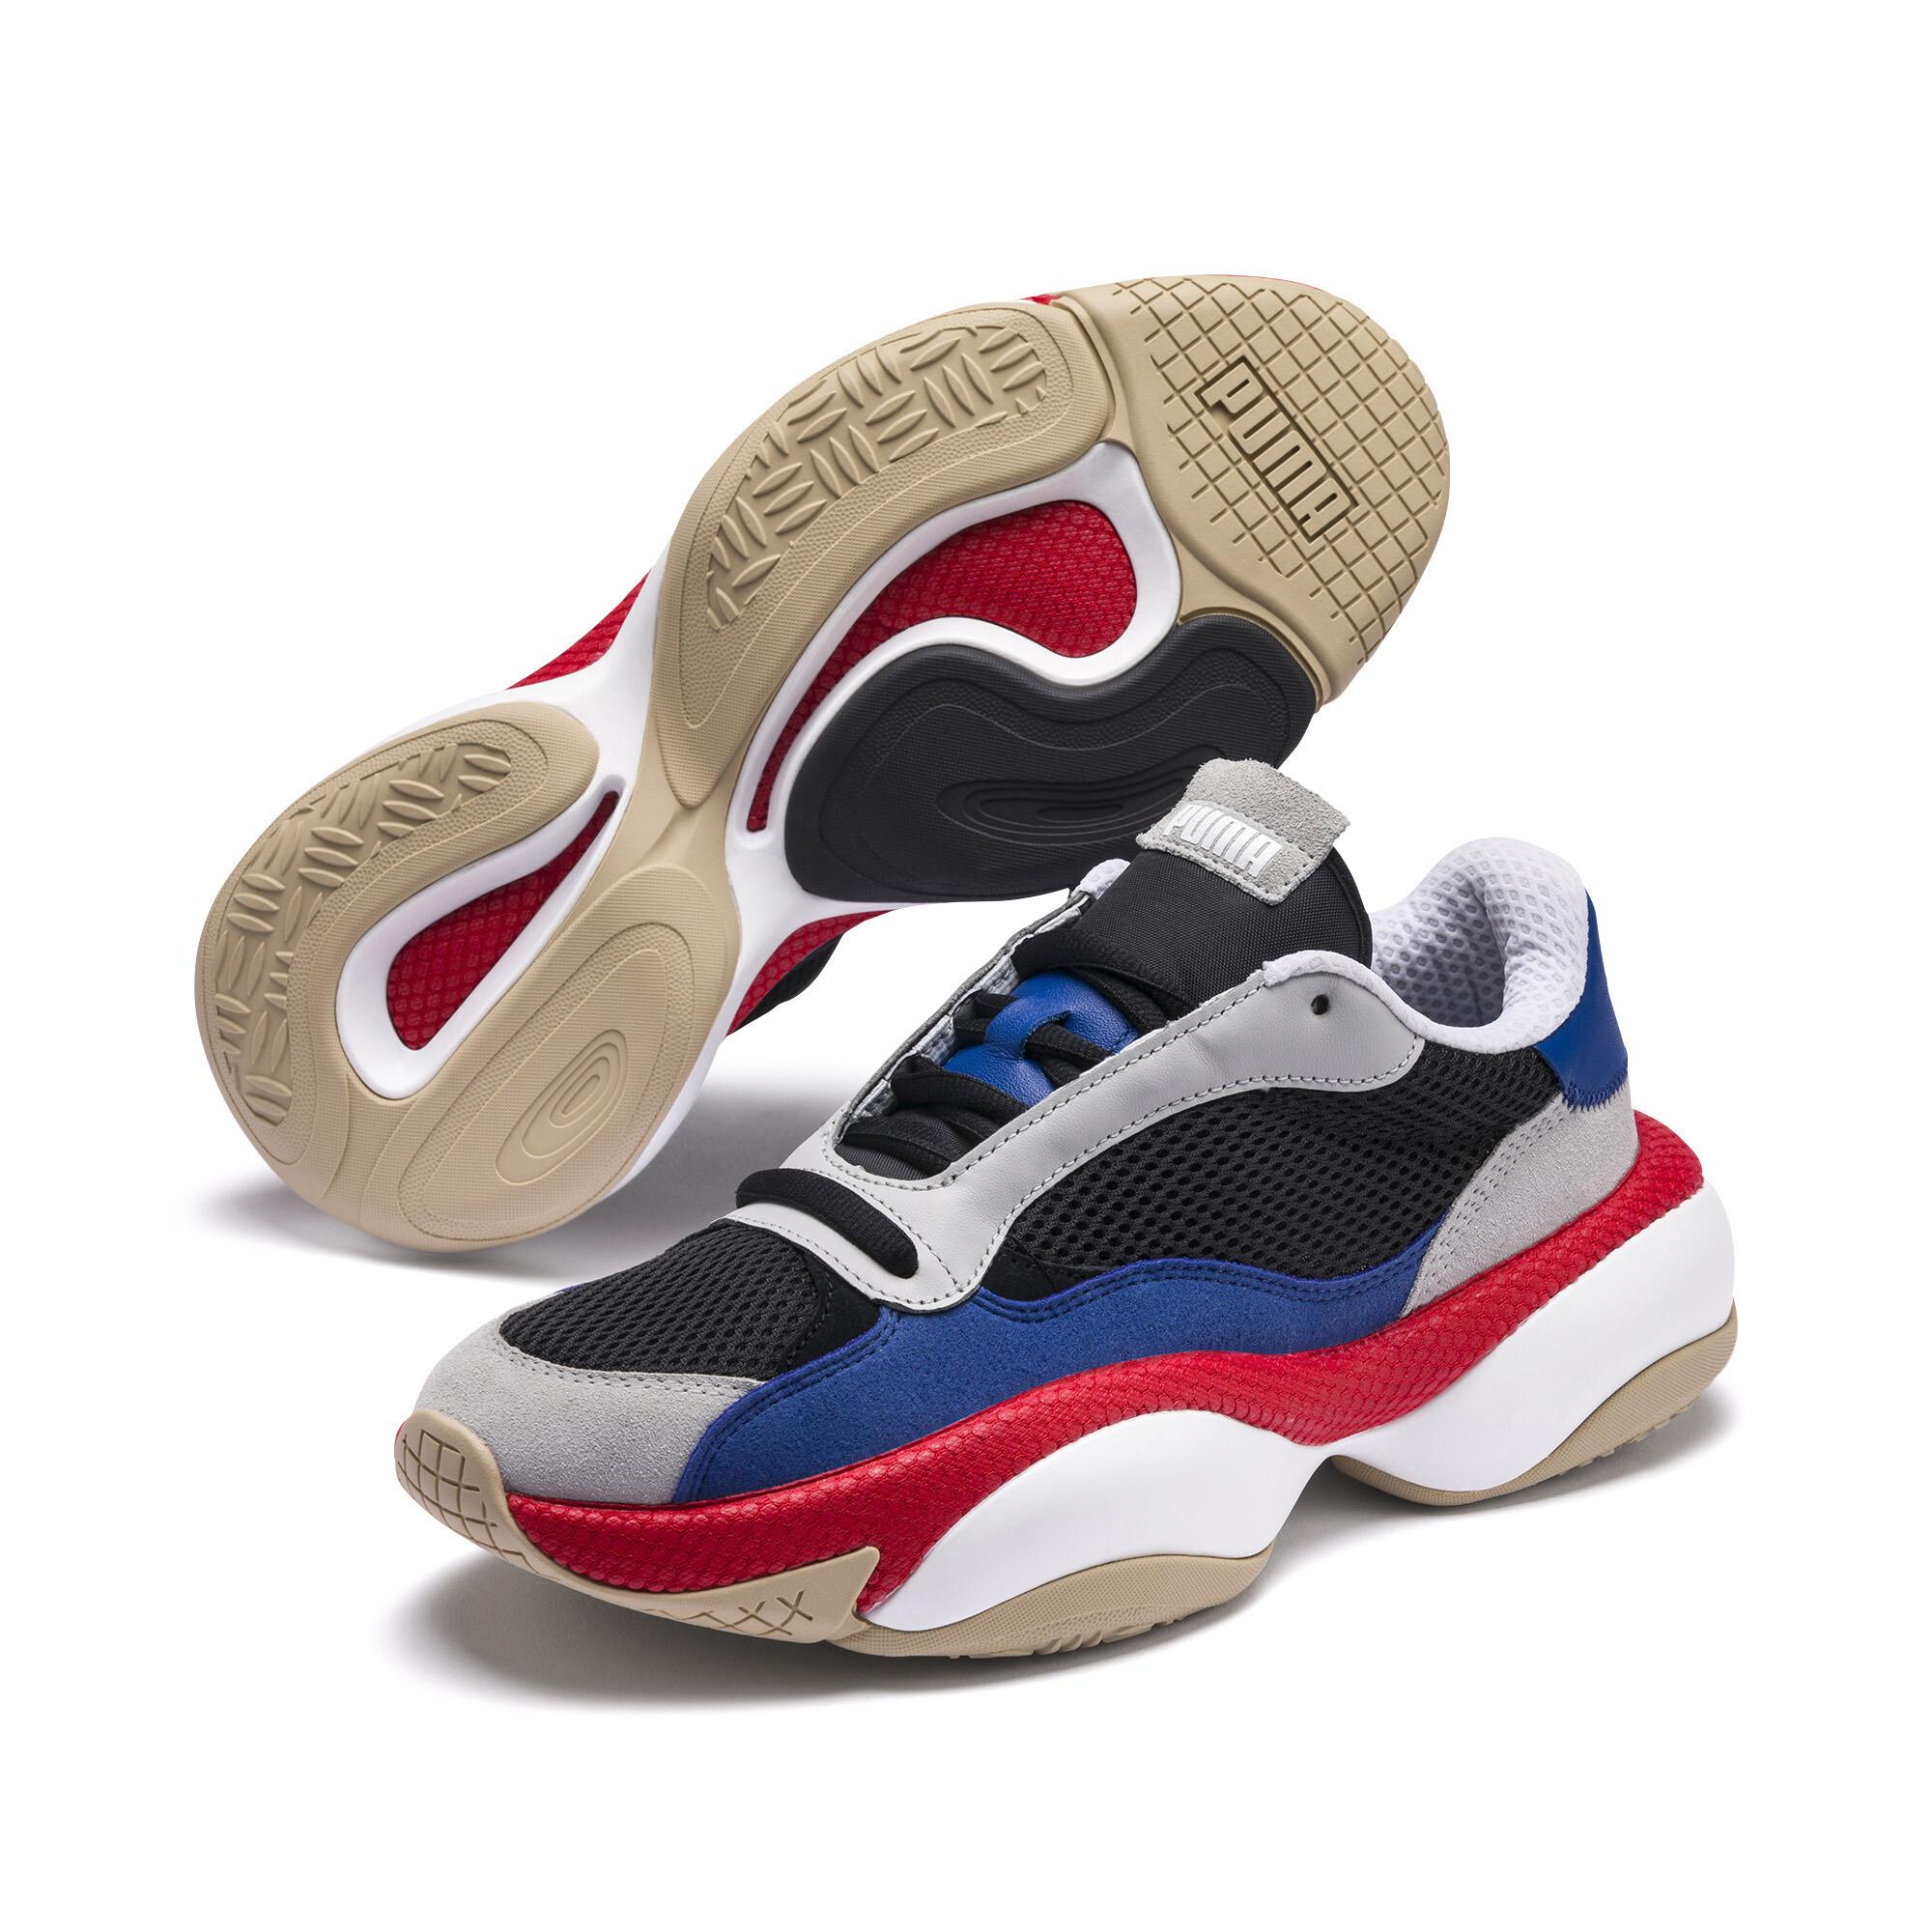 PUMA-Alteration-Kurve-Sneakers-Unisex-Shoe thumbnail 8